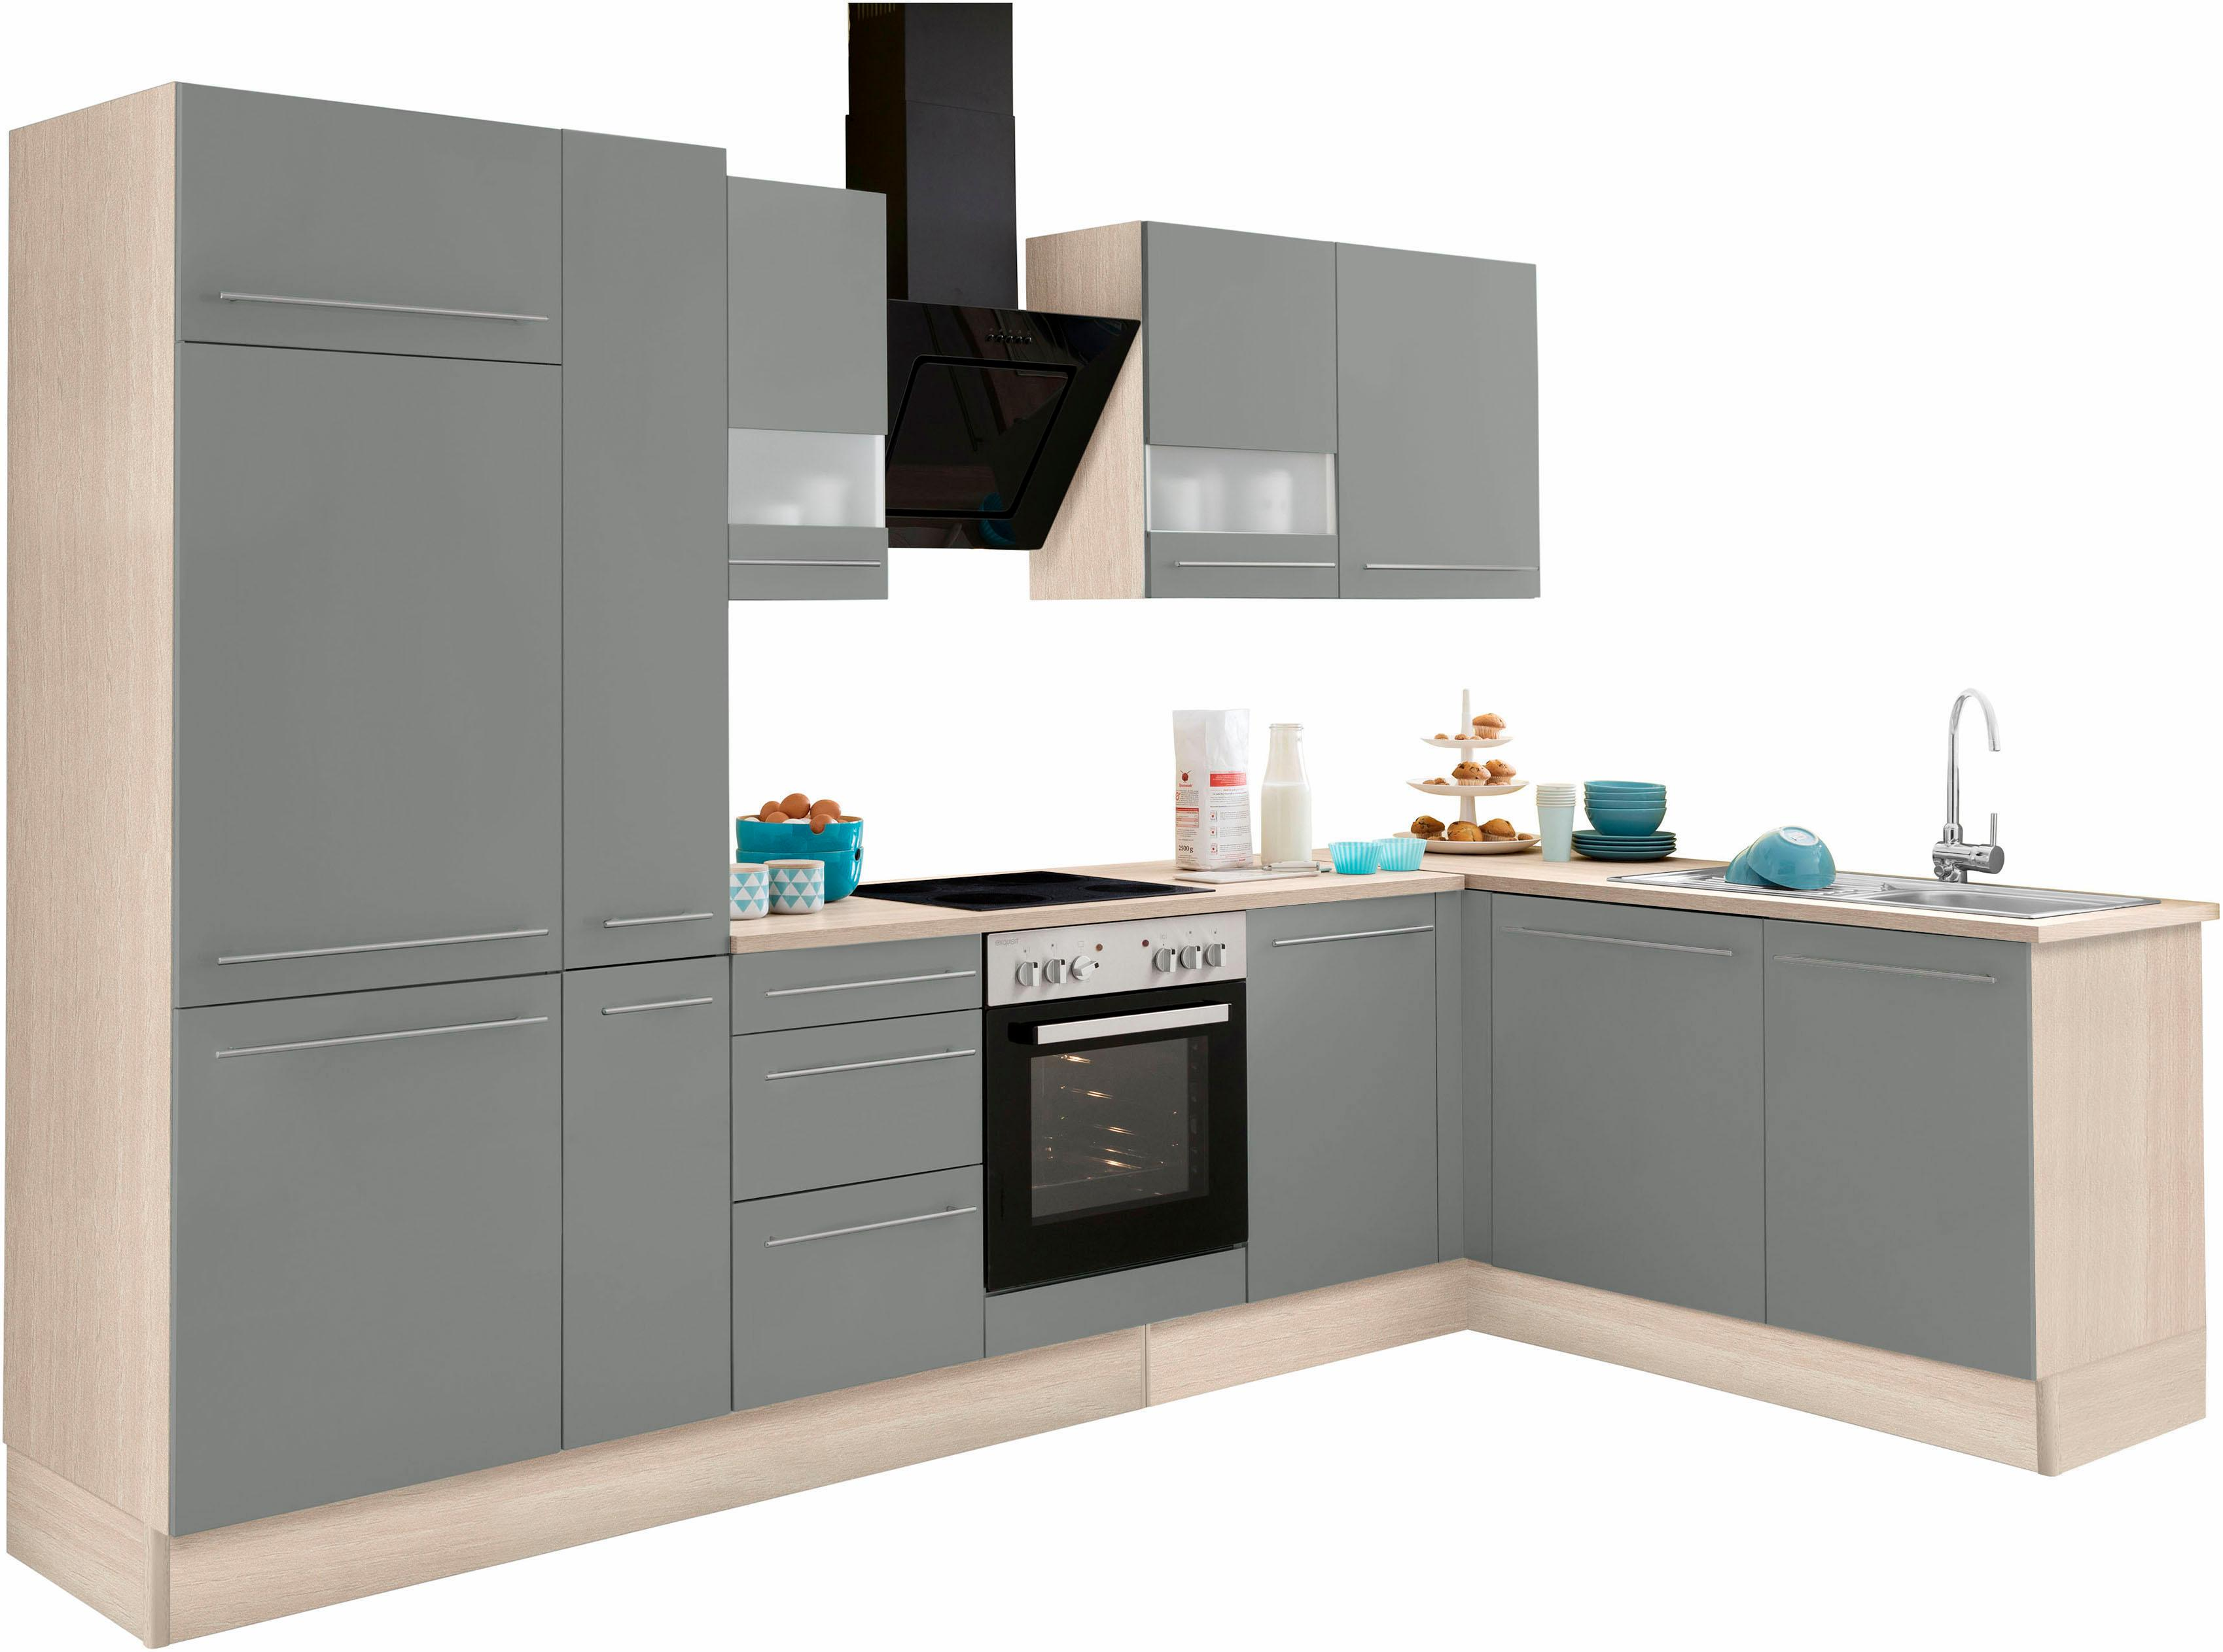 OPTIFIT Winkelküche Bern mit E-Geräten Stellbreite 315 x 175 cm